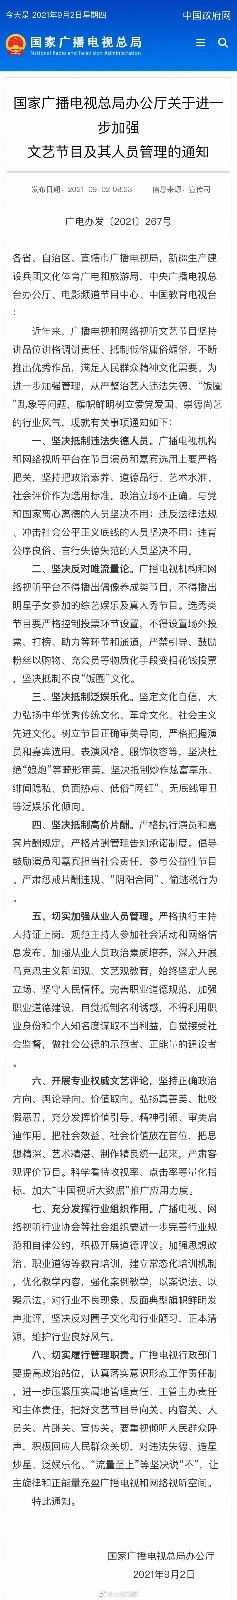 广电总局通知坚决抵制违法失德人员